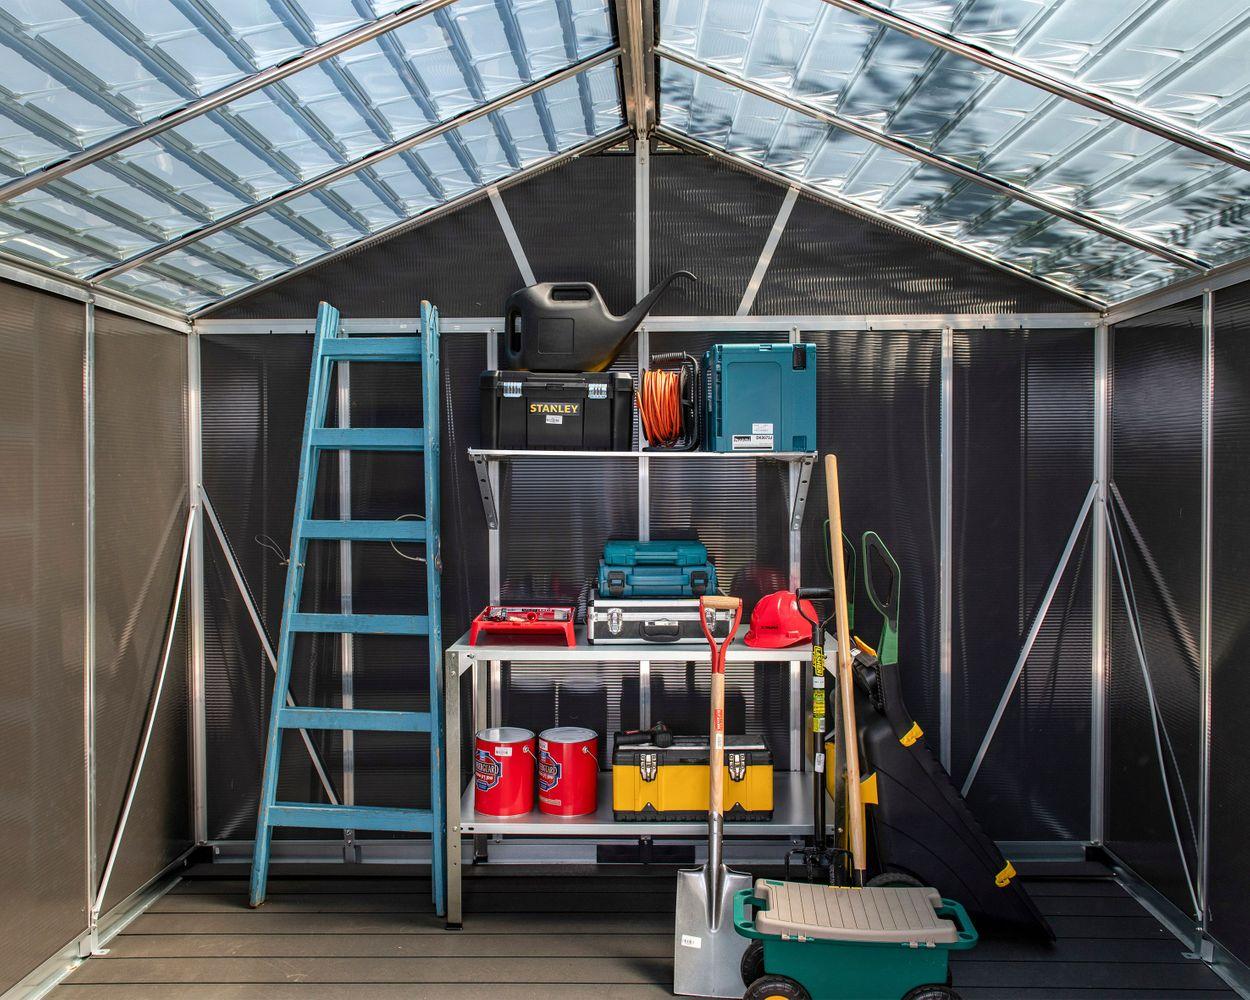 Image of inside the Yukon shed